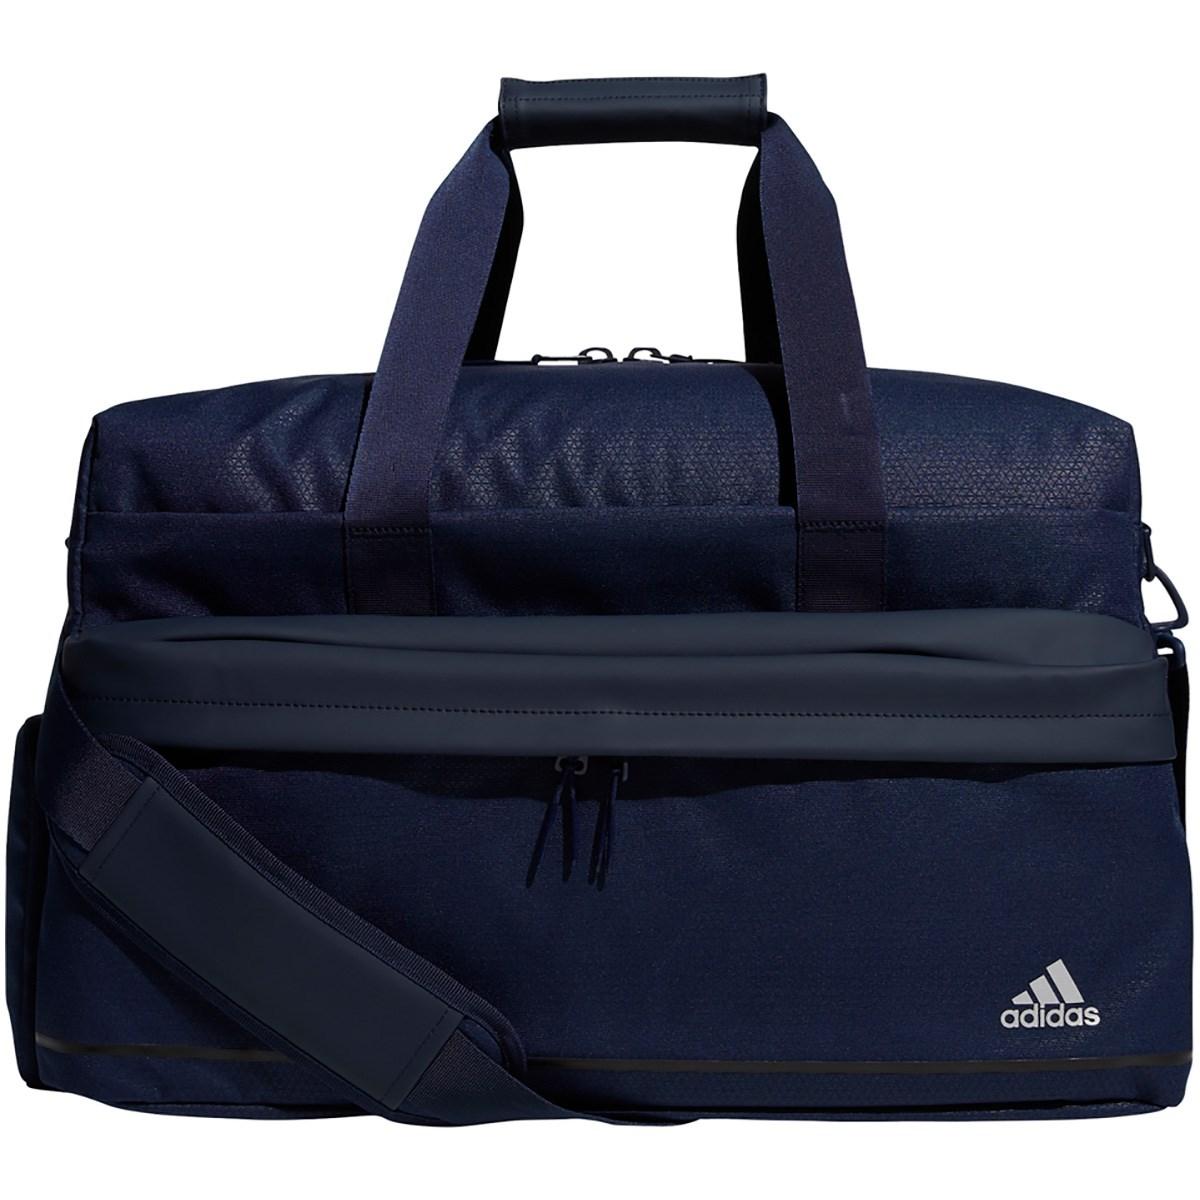 アディダス Adidas ダッフルバッグ カレッジネイビー